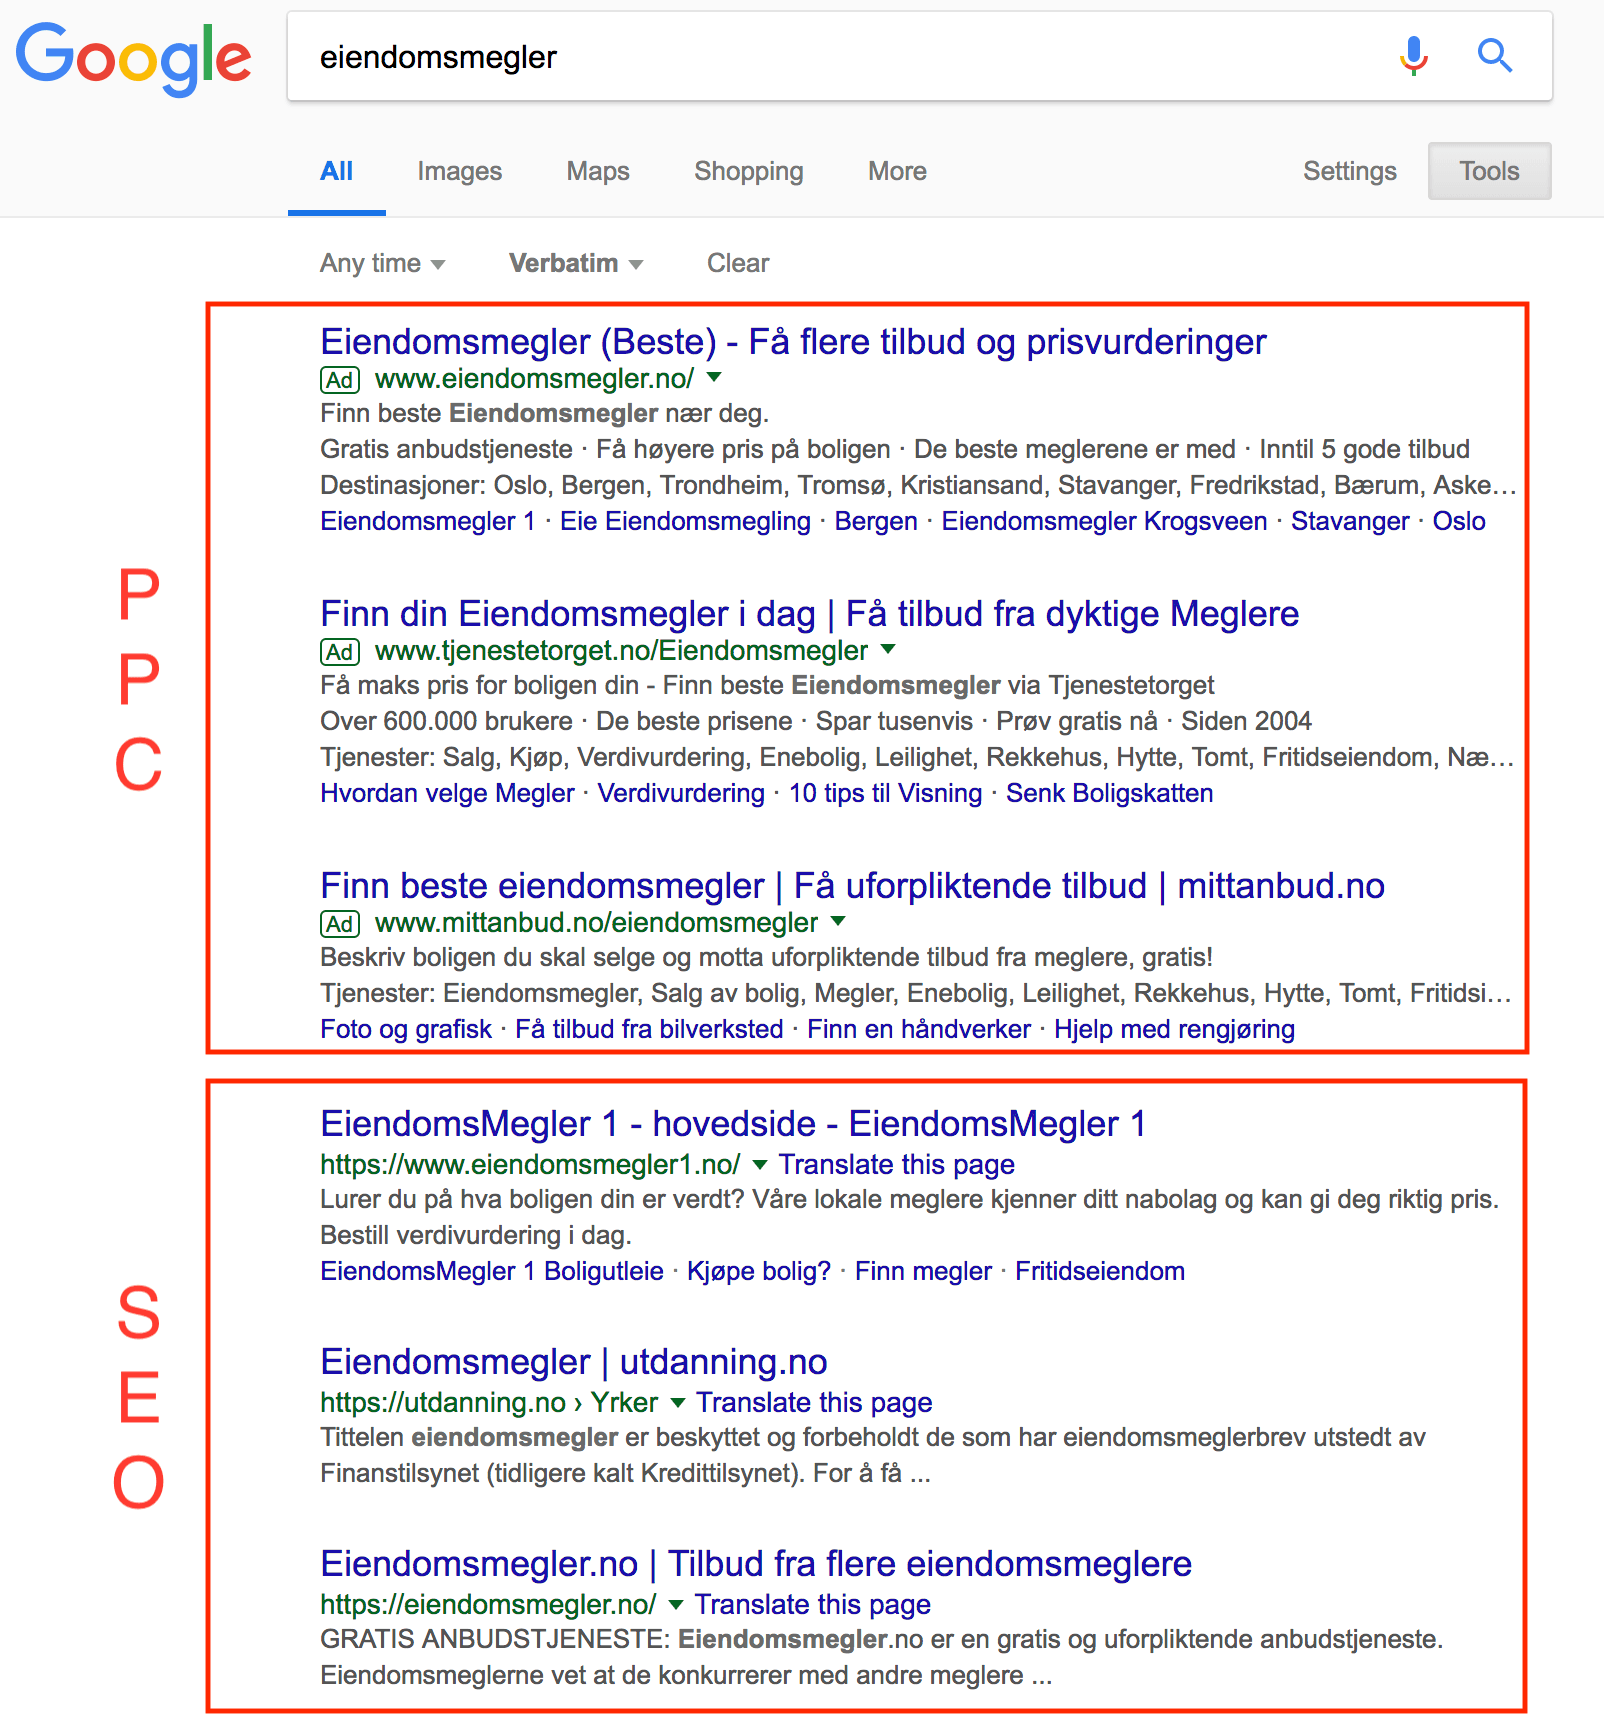 screenshot av søkeresultat i google som viser hva som er ppc og hva som er seo